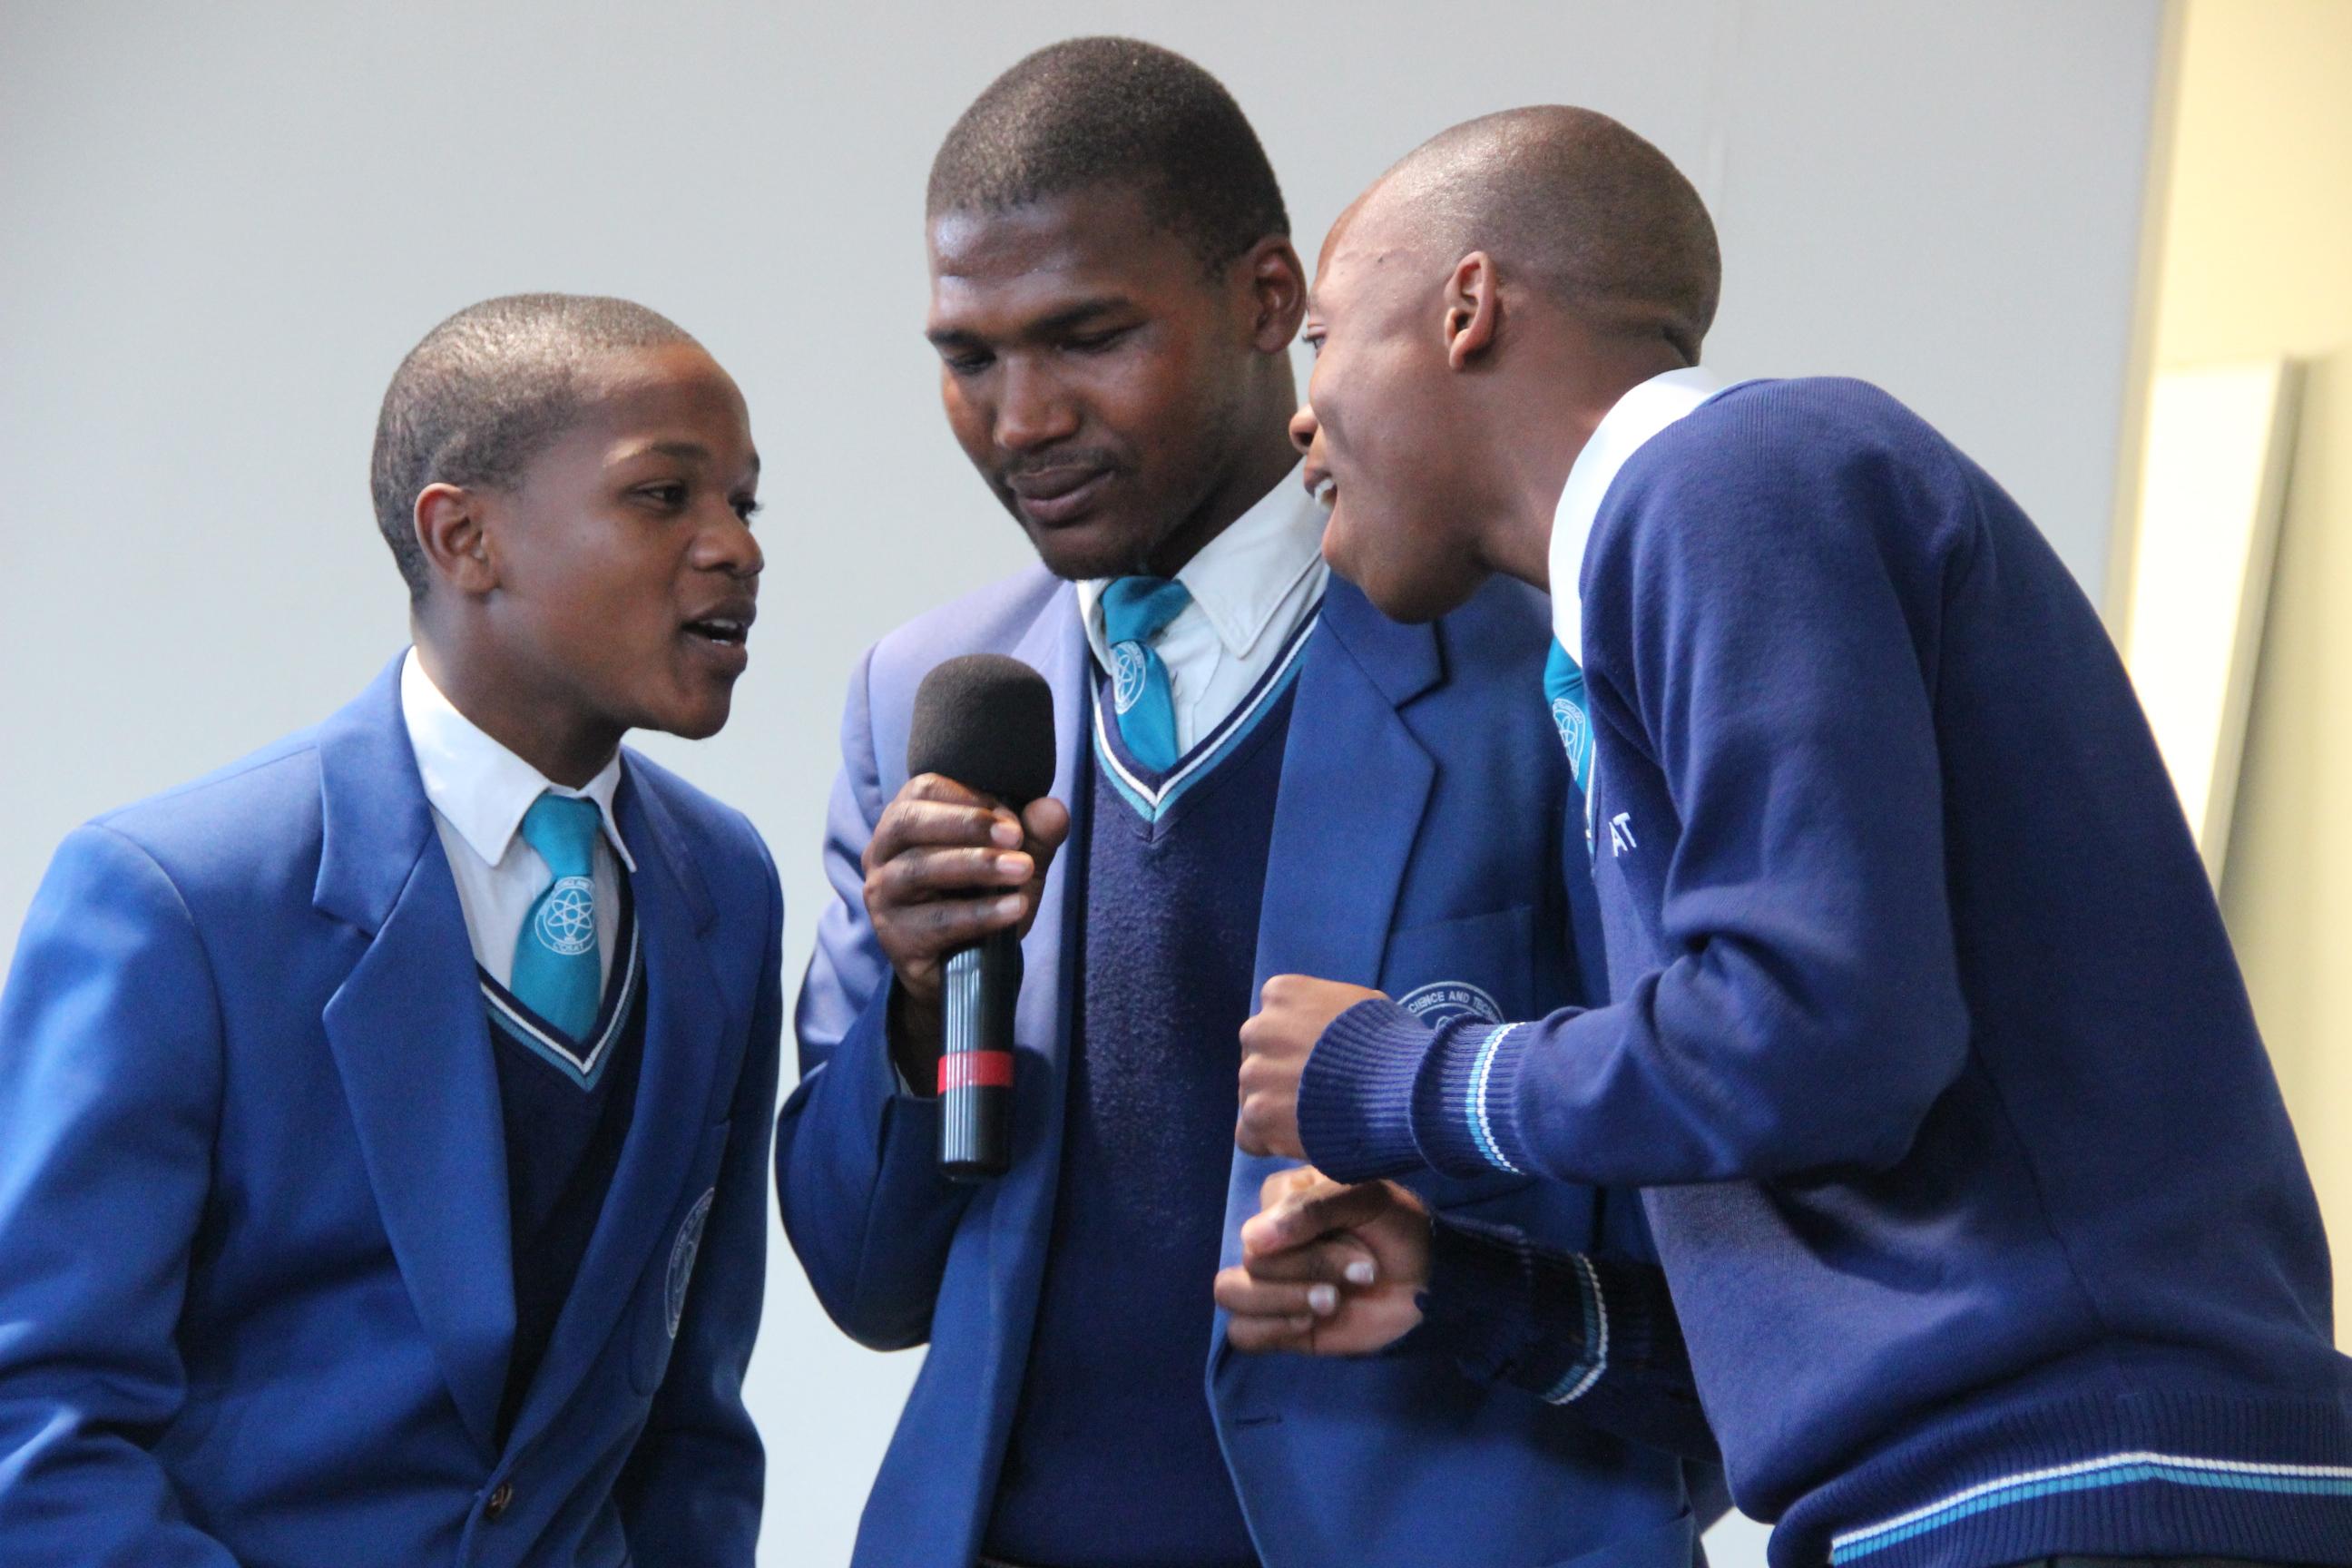 Three seniors perform a song at COSAT.